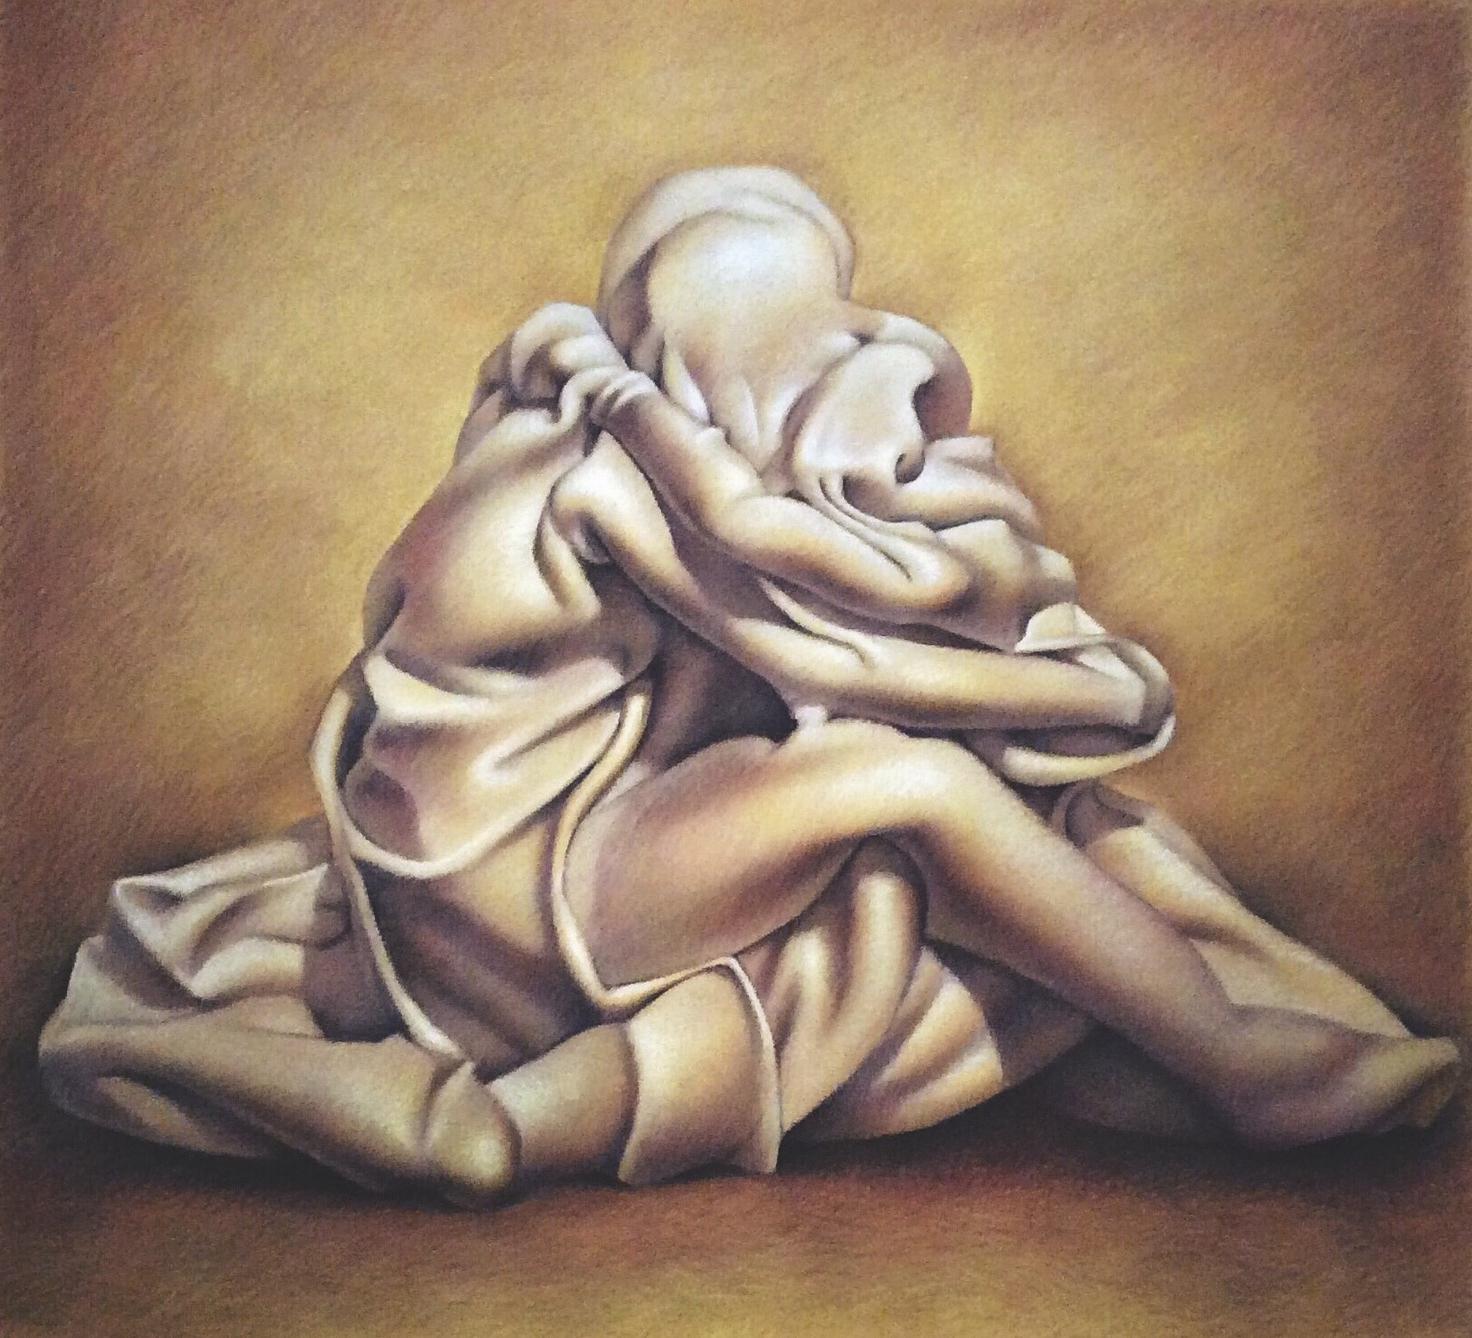 The Seeking Heart